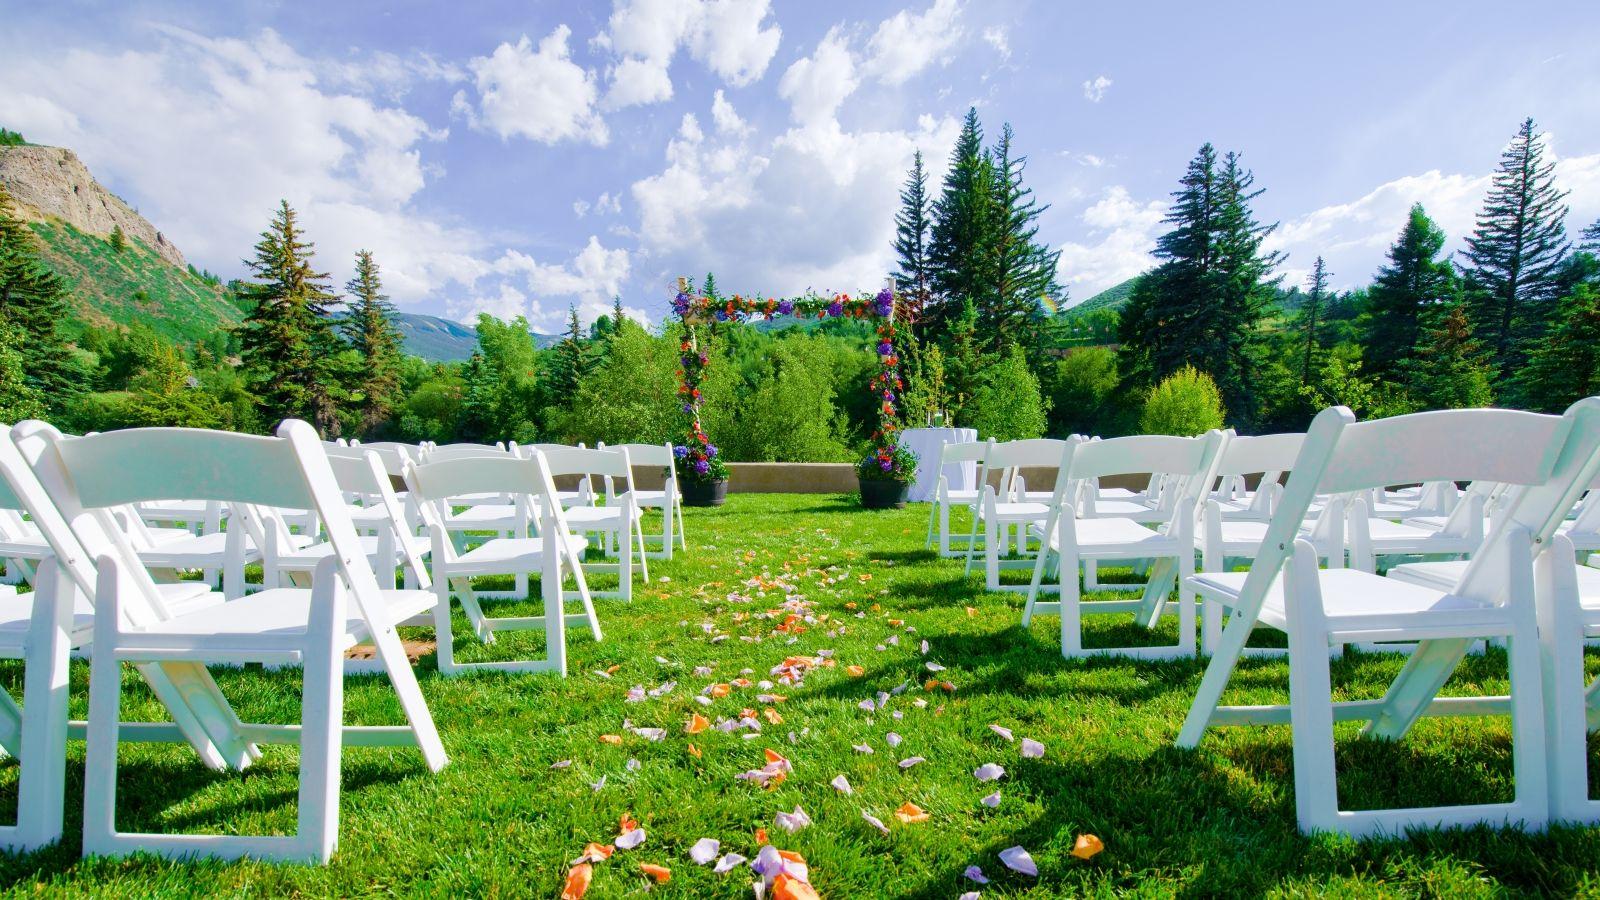 Vail Wedding Venues Outdoor Lawn Colorado mountain